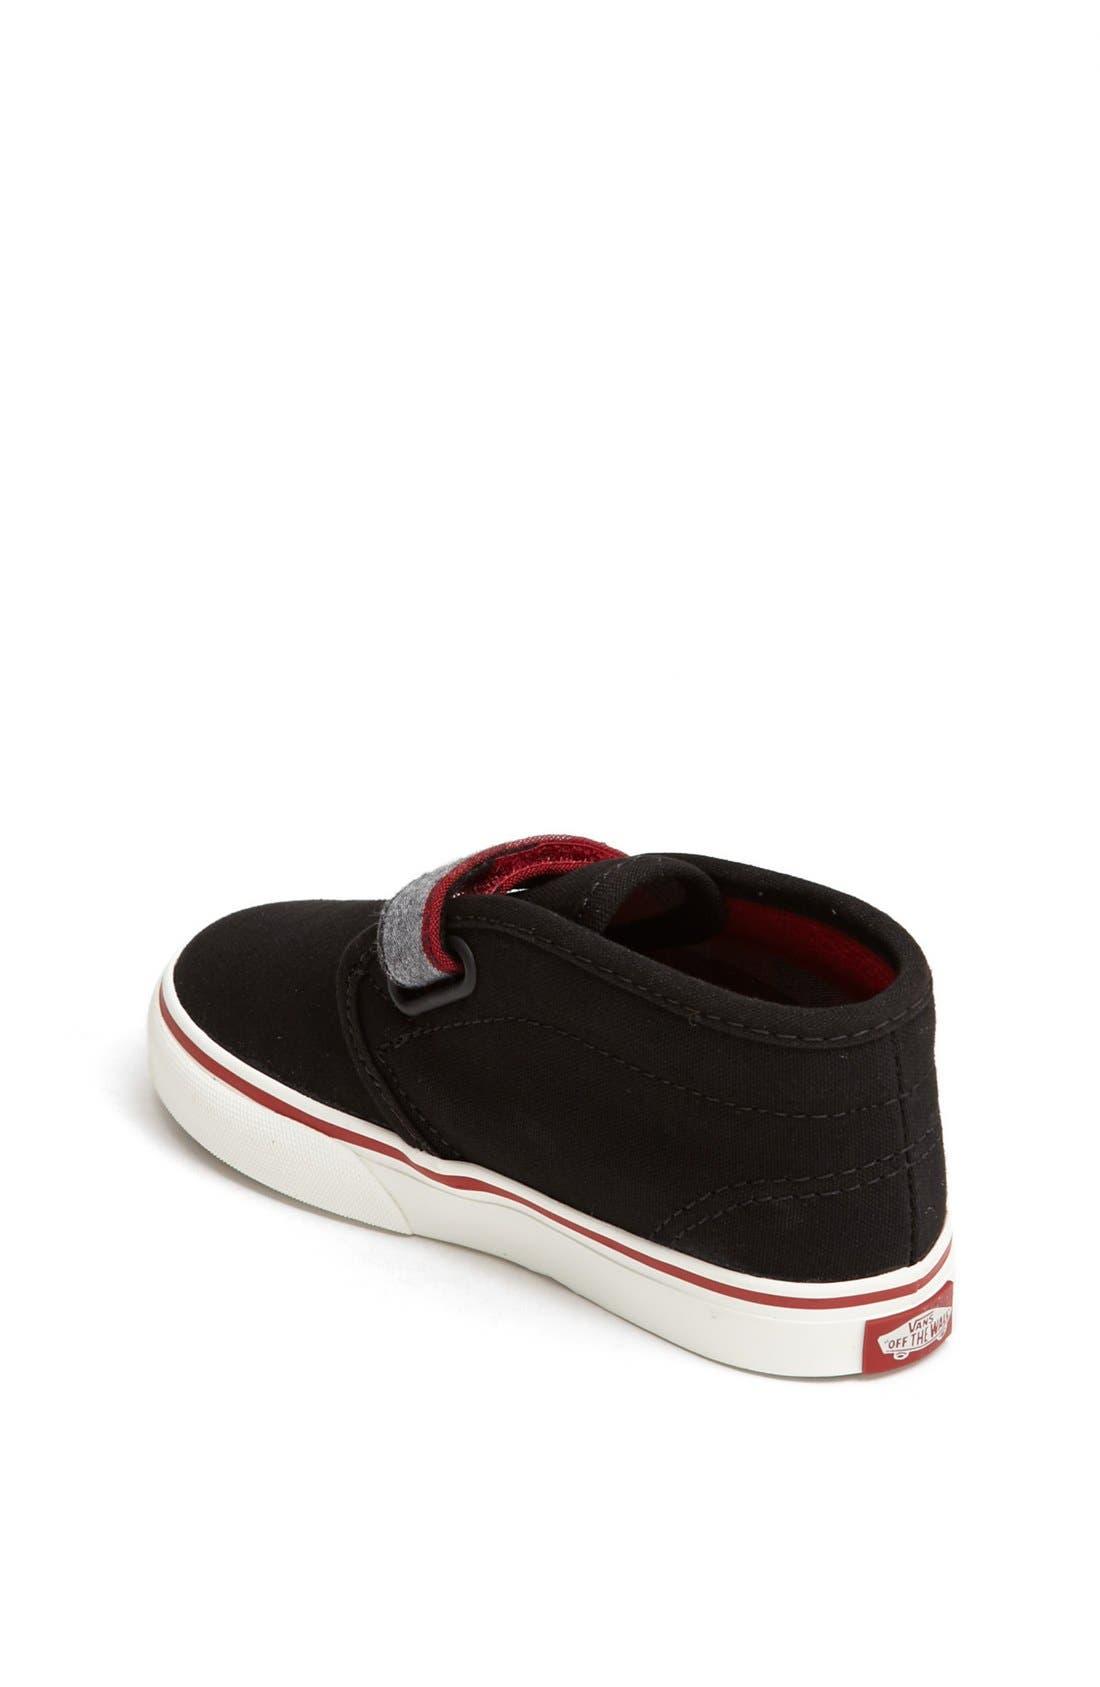 Alternate Image 2  - Vans Chukka Sneaker (Baby, Walker & Toddler)